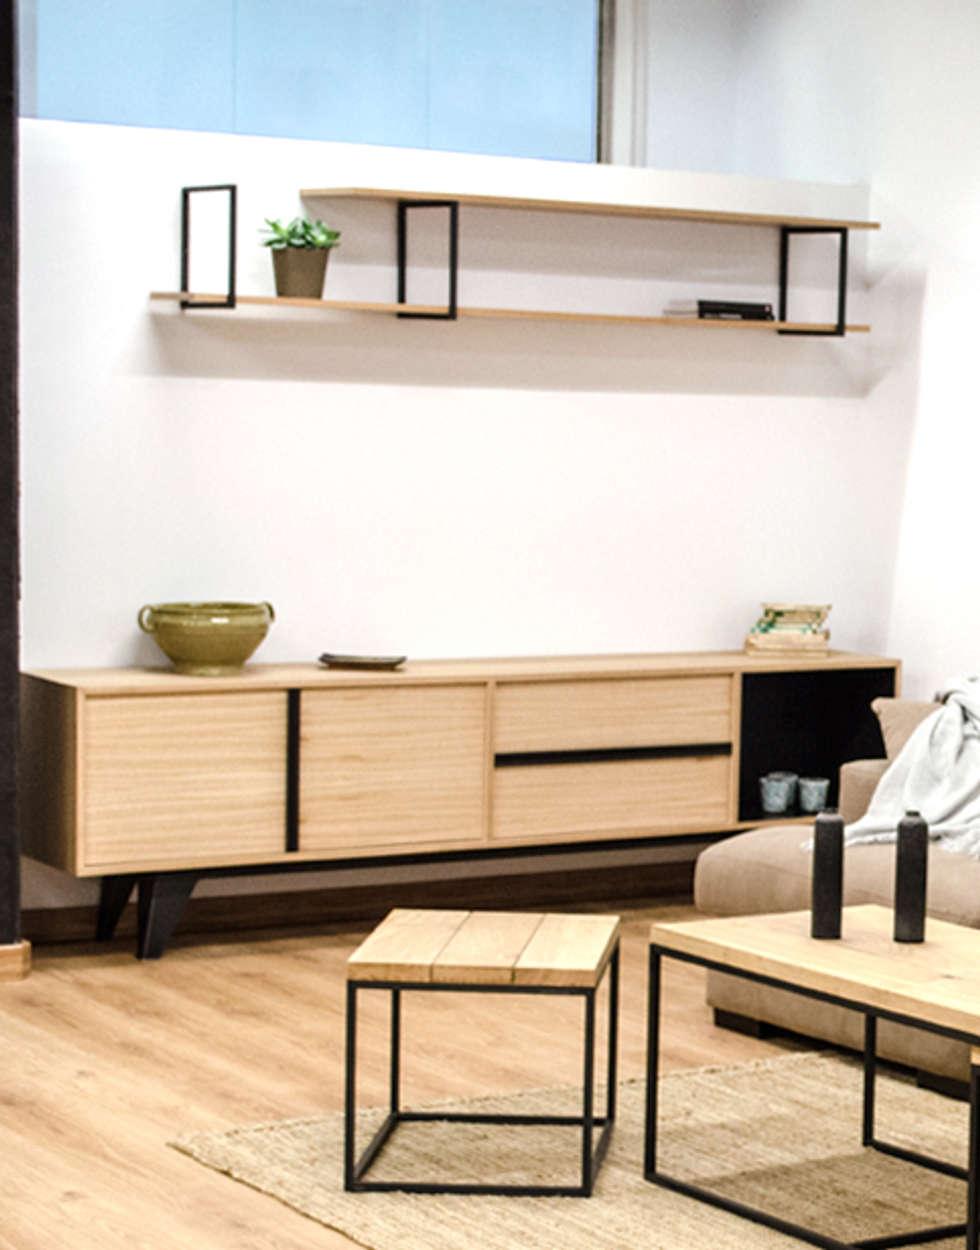 Fotos de decoraci n y dise o de interiores homify - Mueble estilo industrial ...